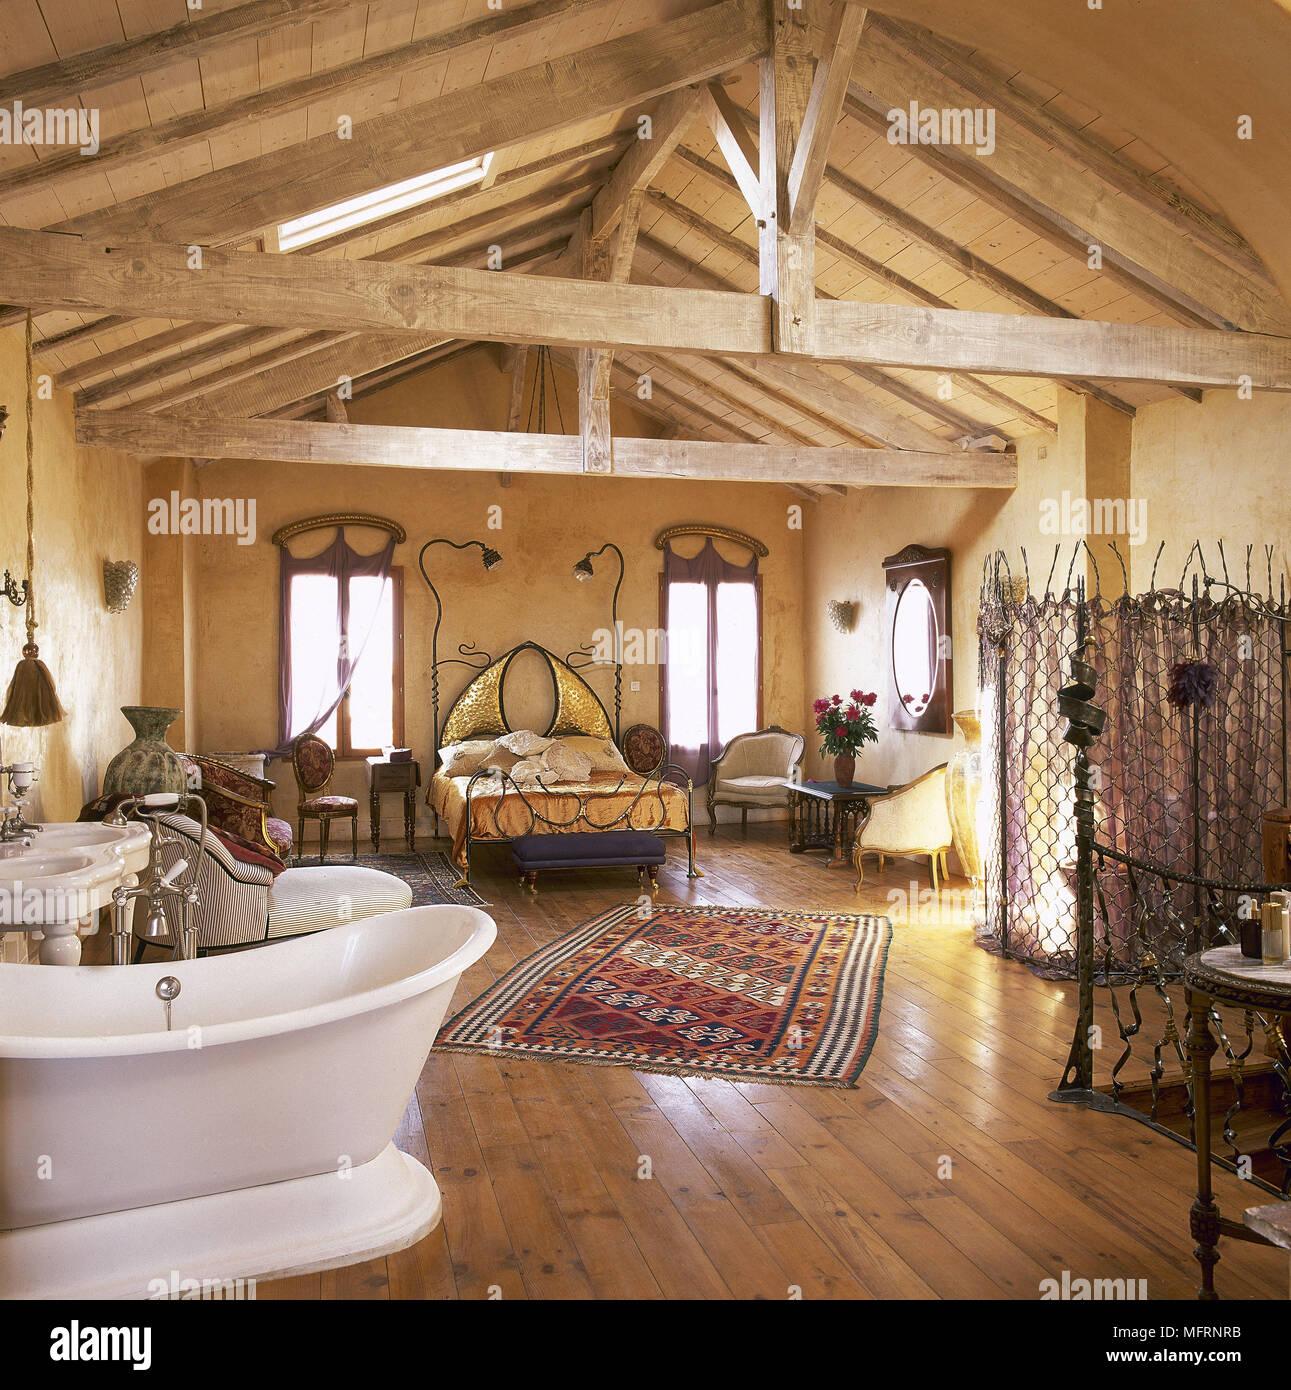 Paese in stile piano aperto in camera da letto con tetto a capriate e pavimento in legno con - Vasca da bagno in camera da letto ...